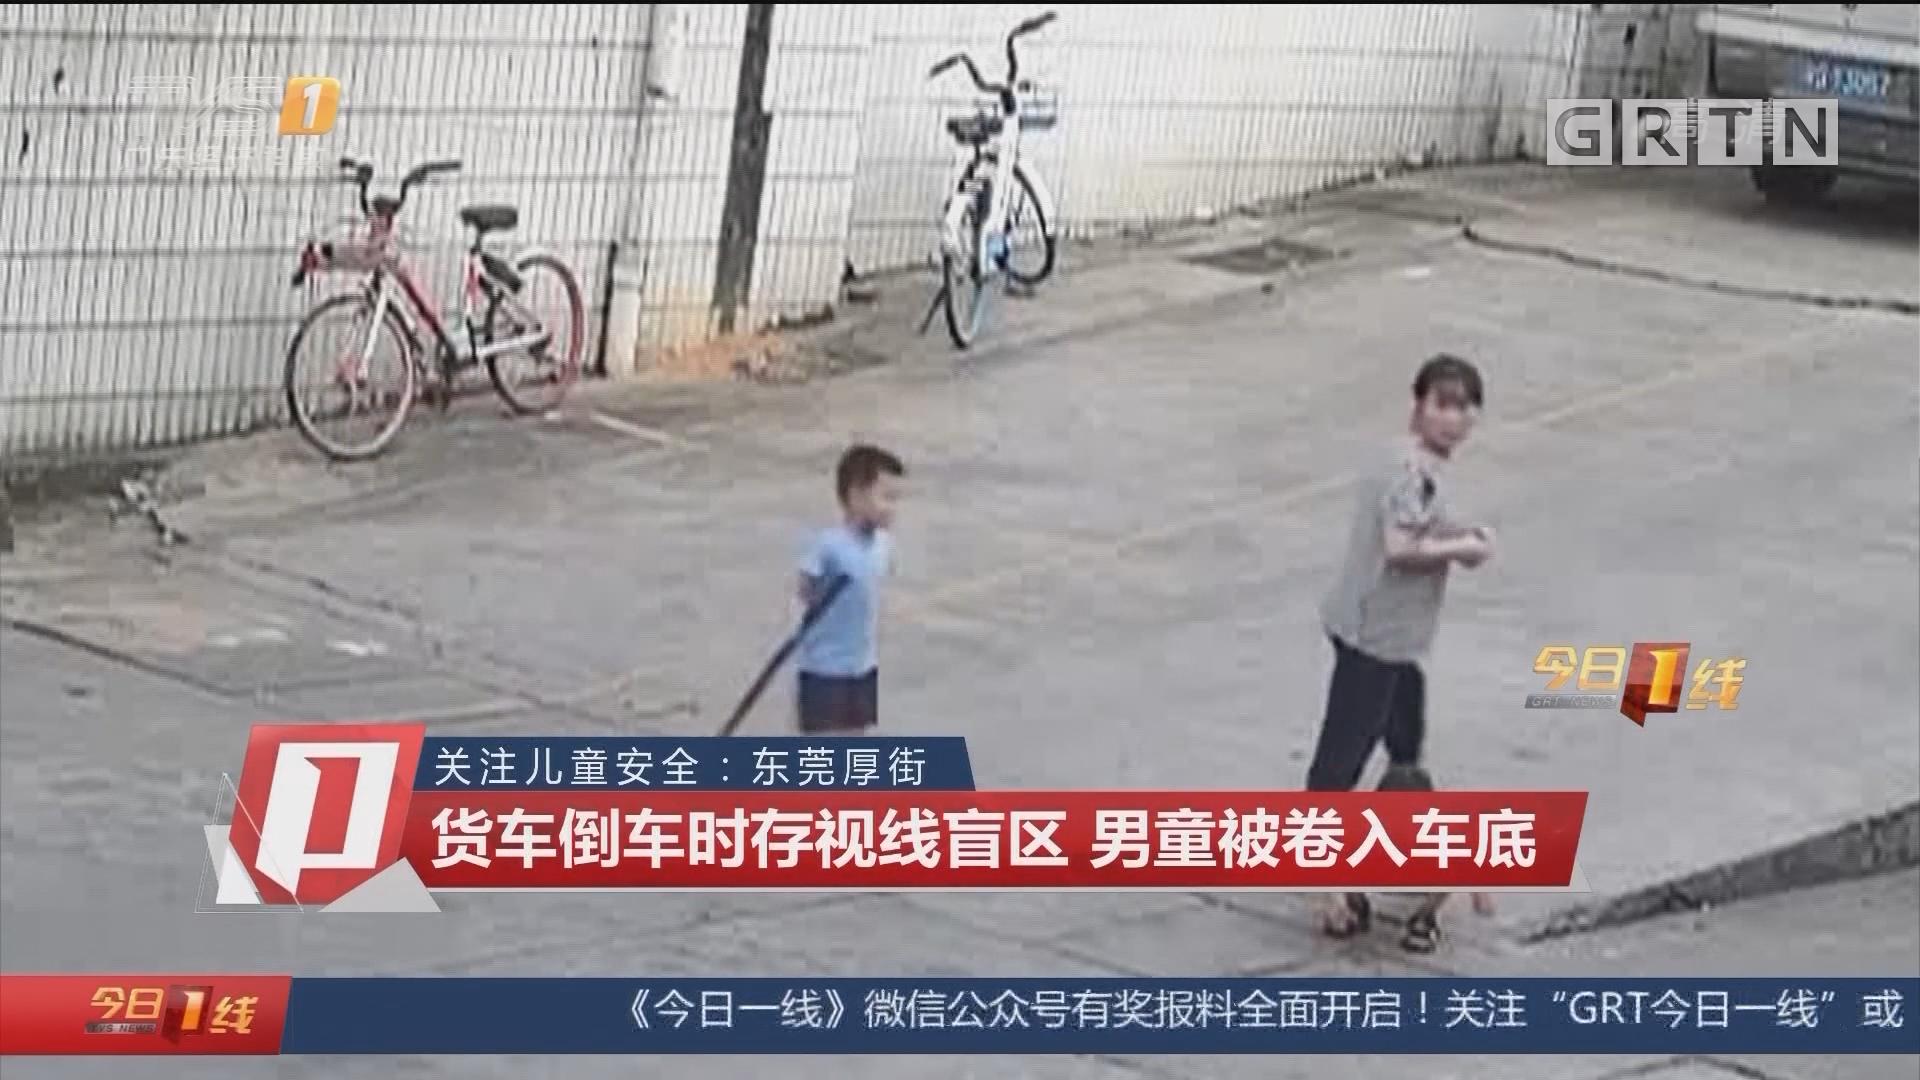 关注儿童安全:东莞厚街 货车倒车时存视线盲区 男童被卷入车底